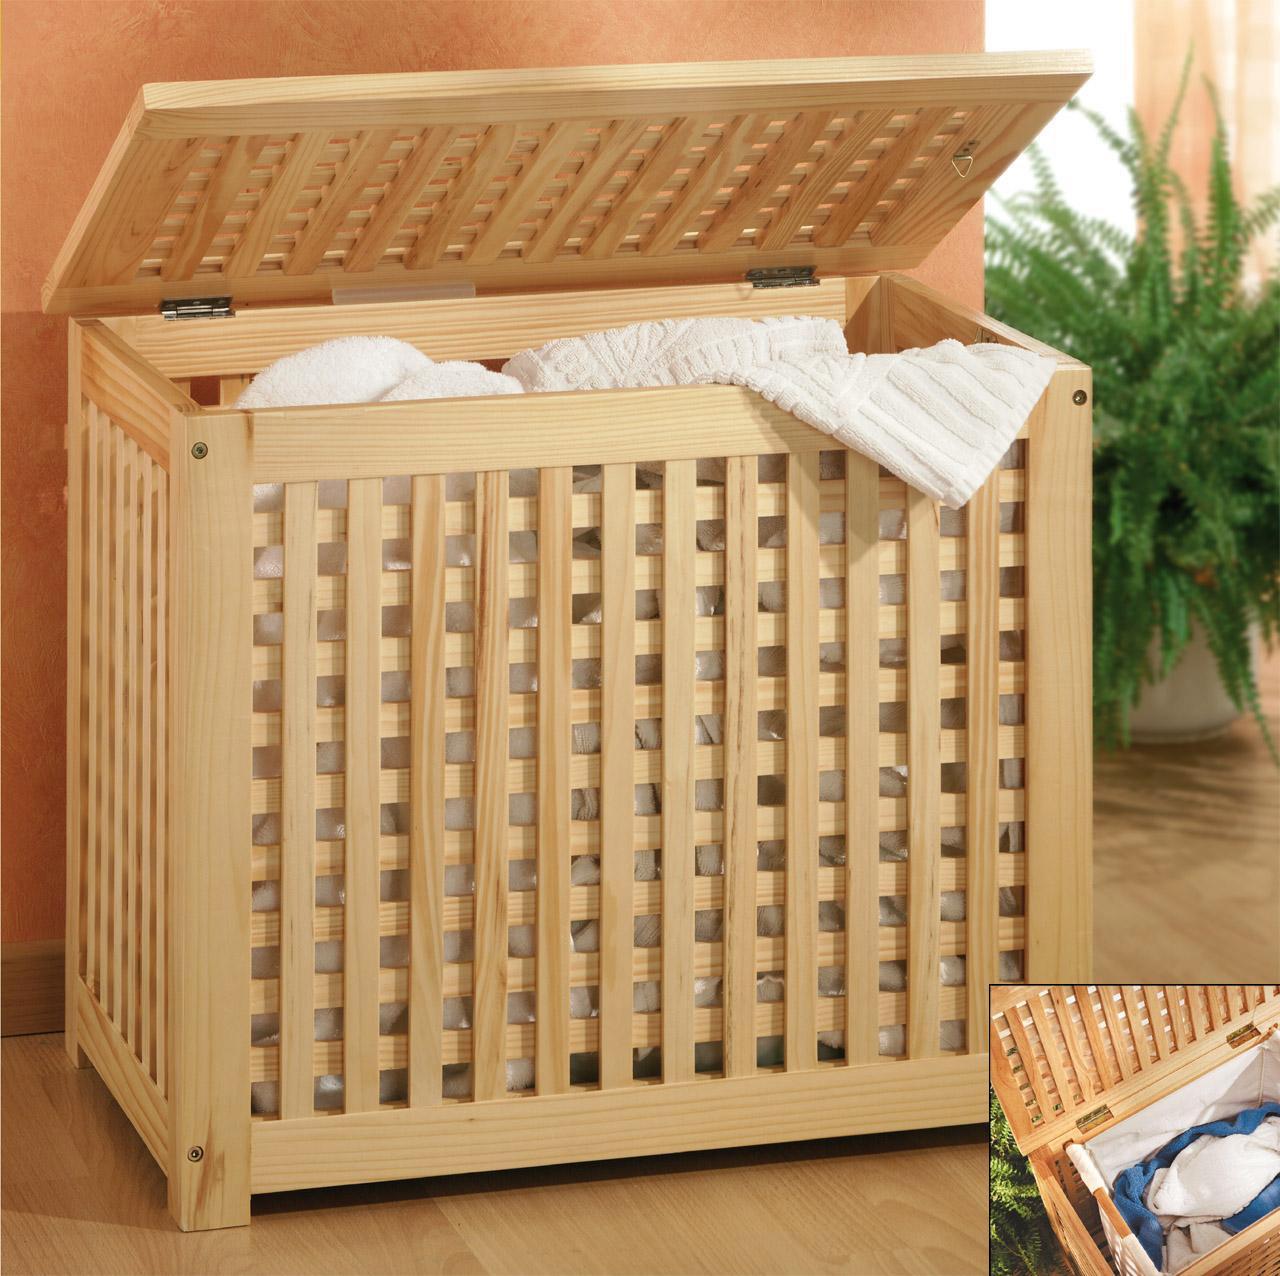 holz w schetruhe w schetonne holztruhe mit leinensack ebay. Black Bedroom Furniture Sets. Home Design Ideas